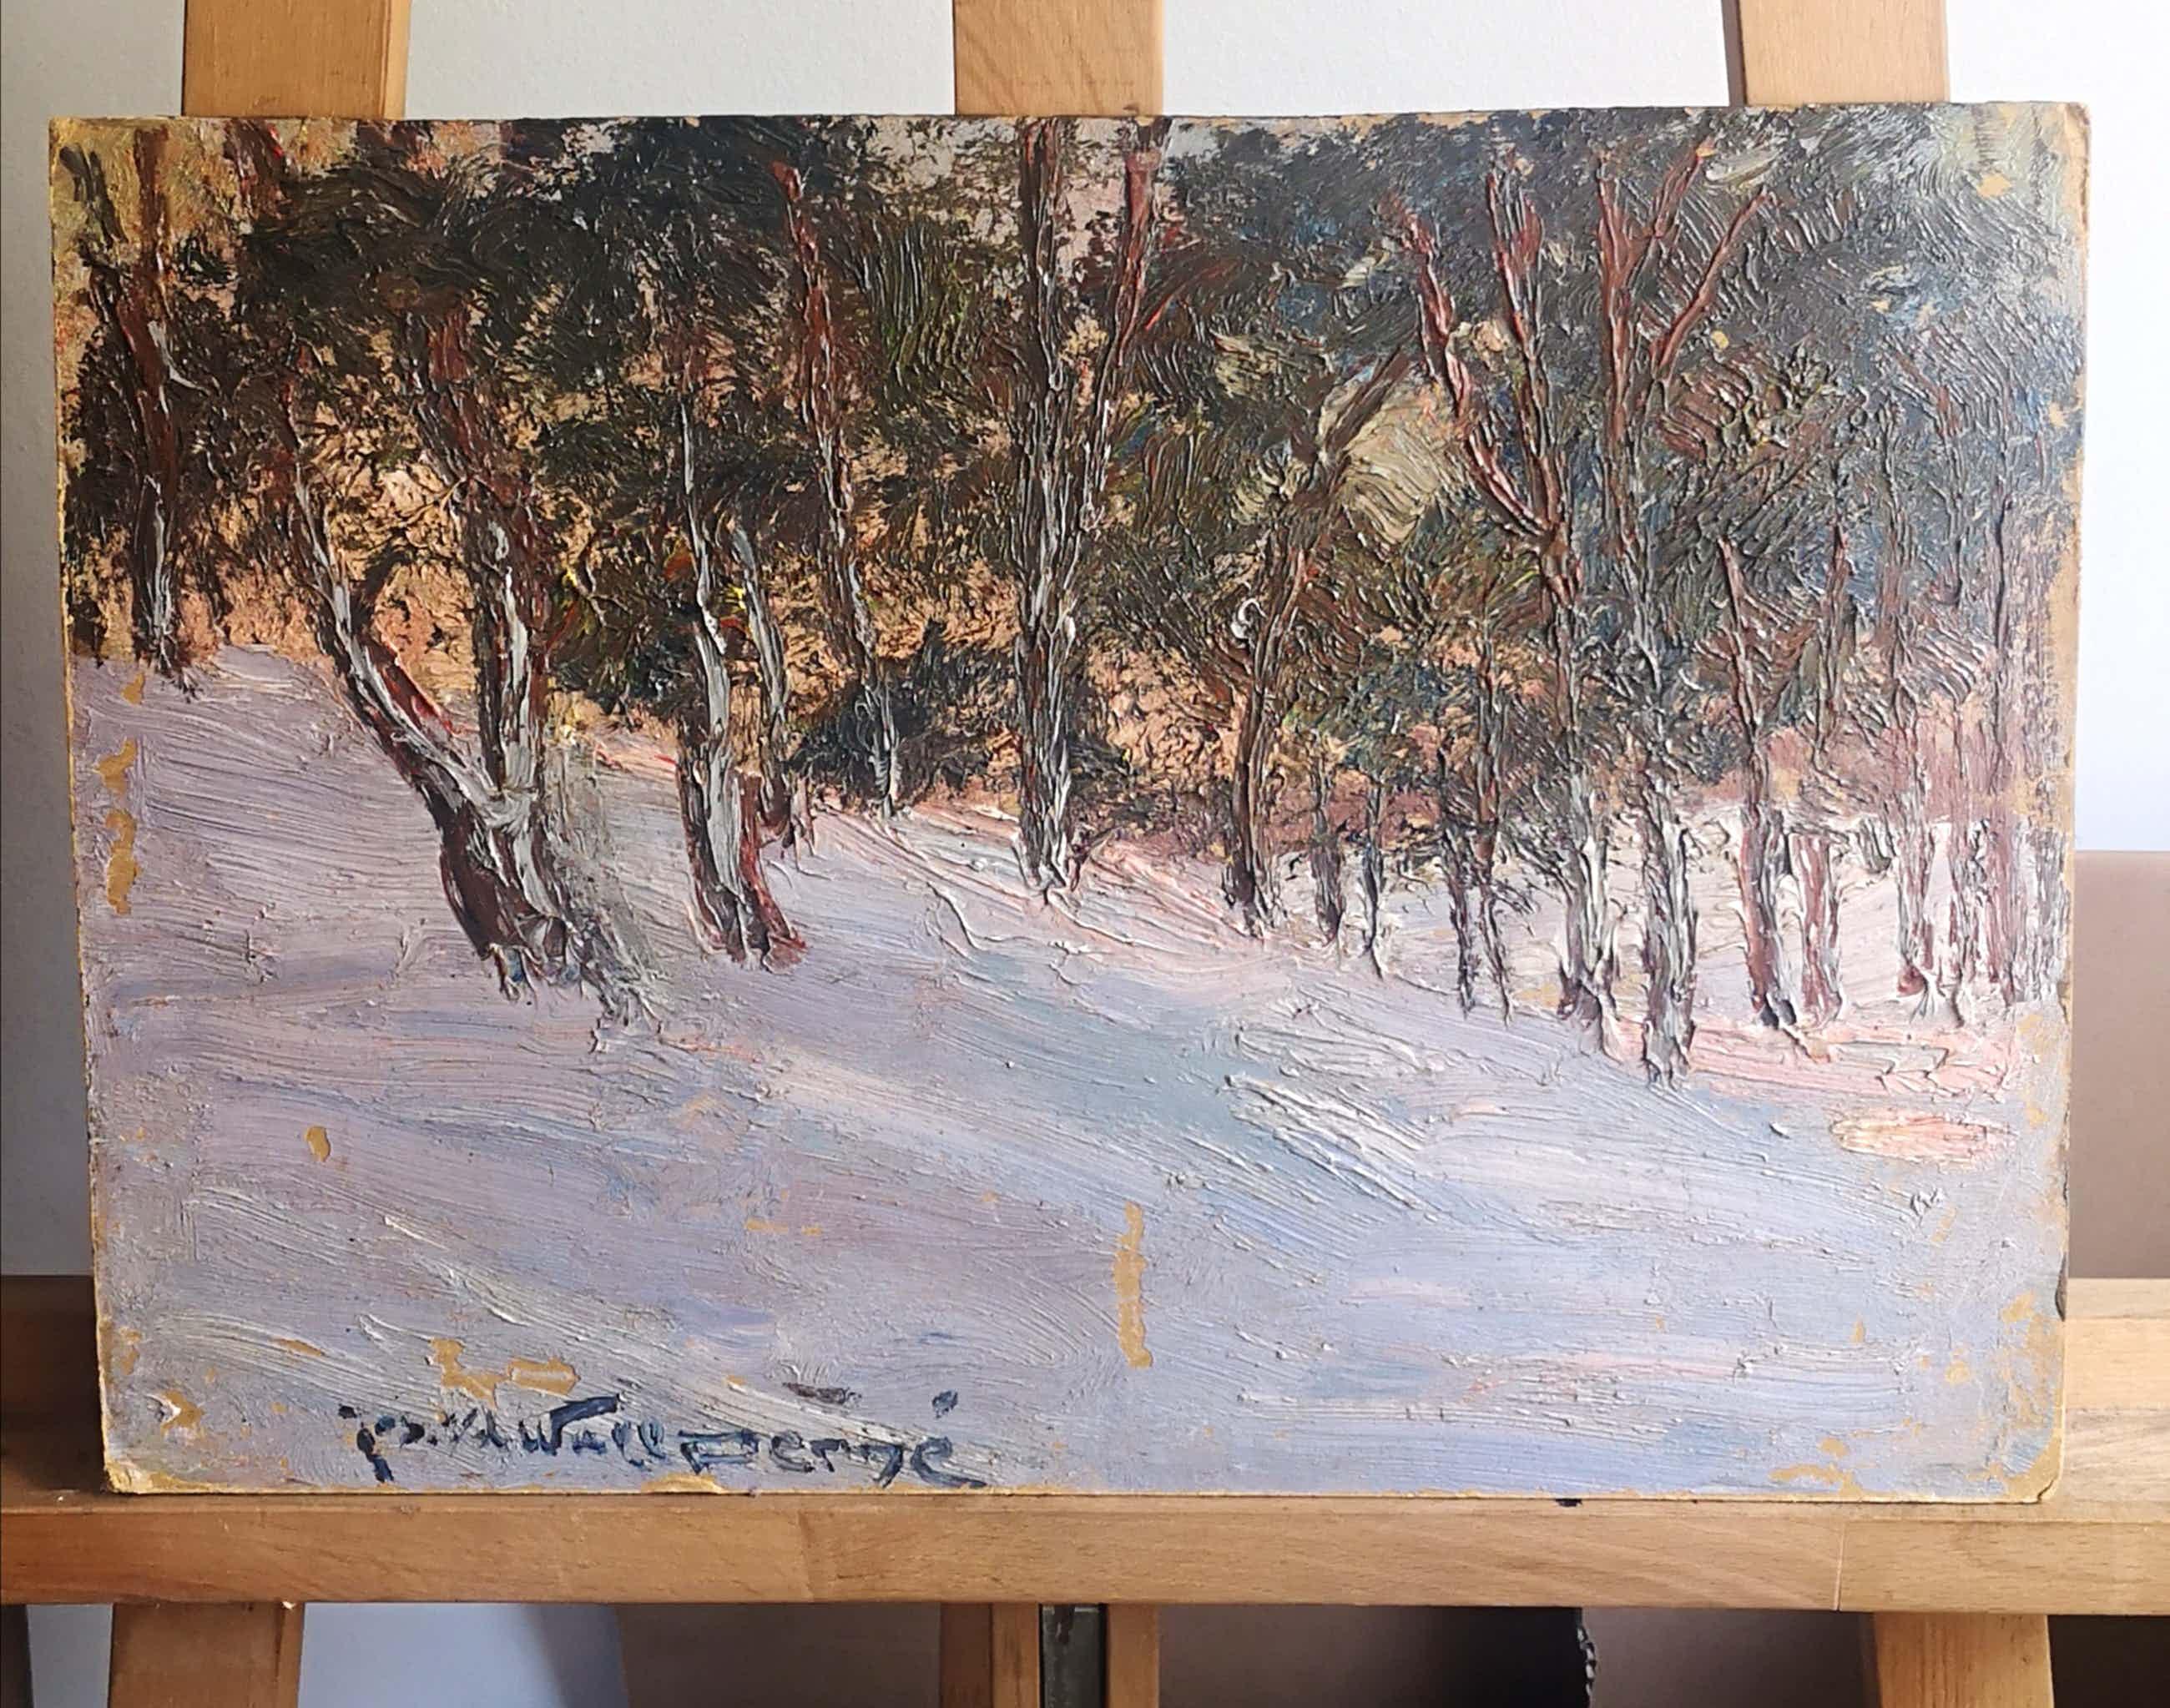 Joseph van de Wall Perne - Sneeuwlandschap met bomen kopen? Bied vanaf 35!